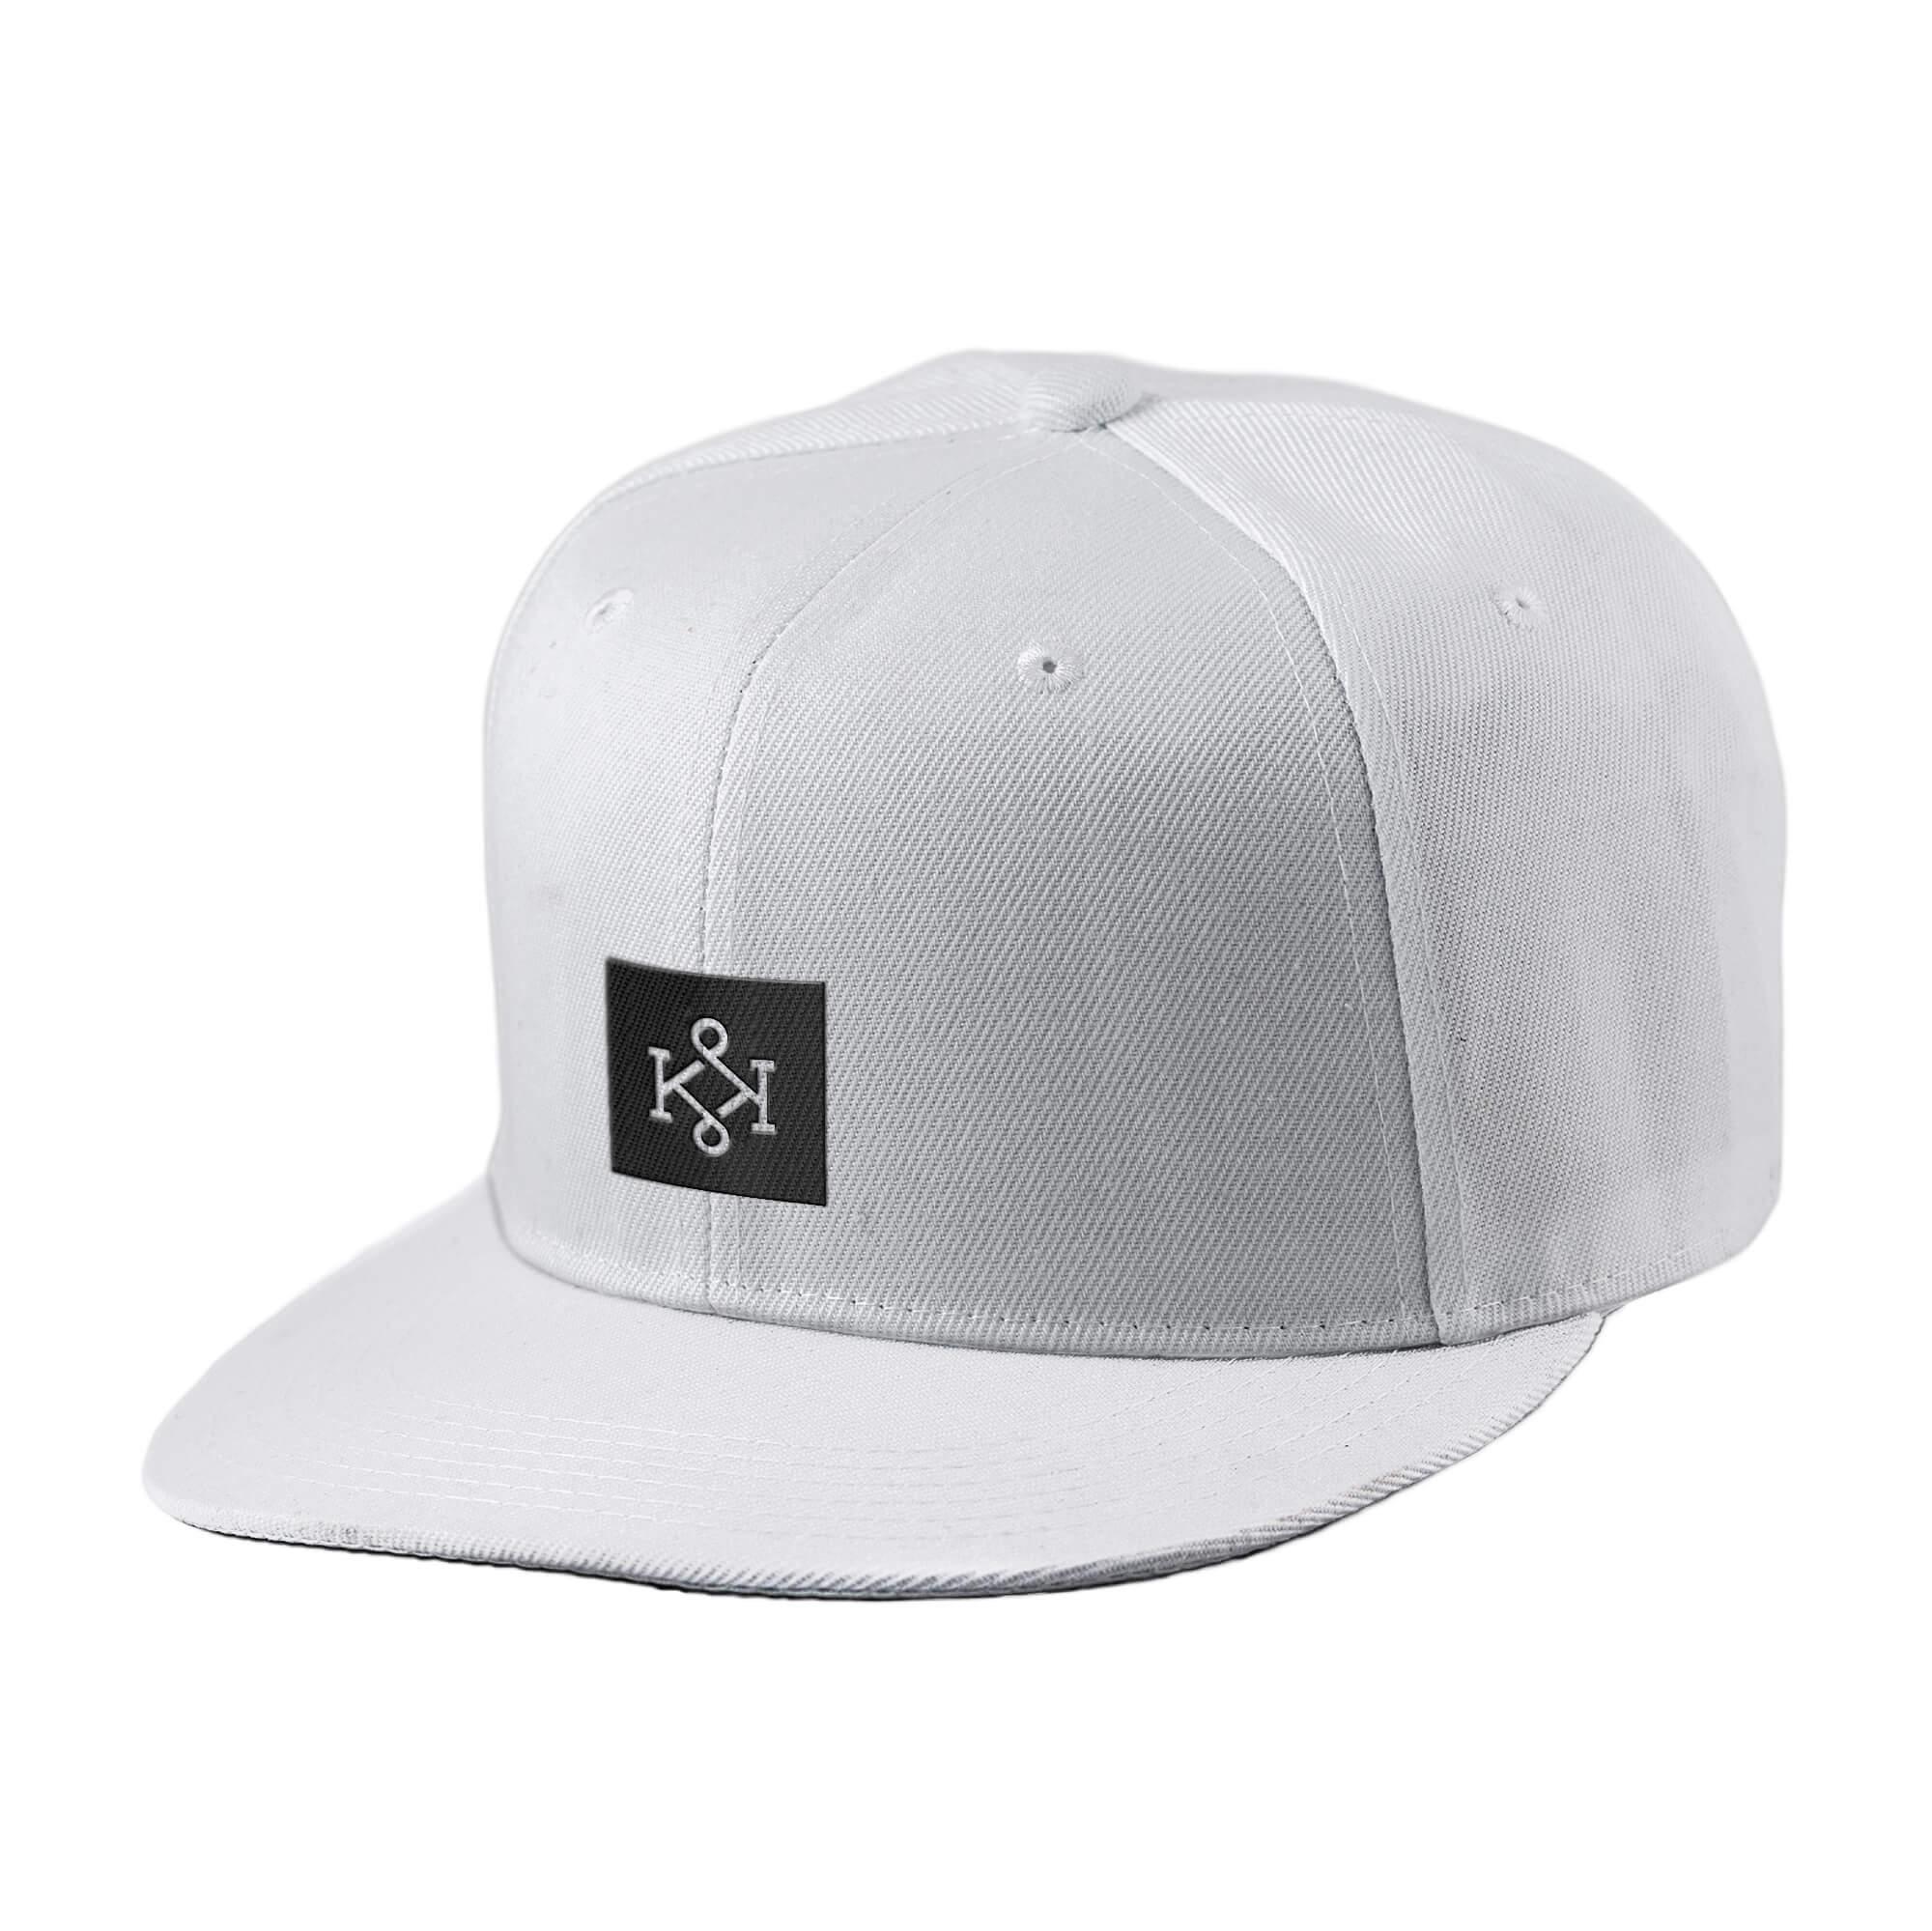 kk-cap-white